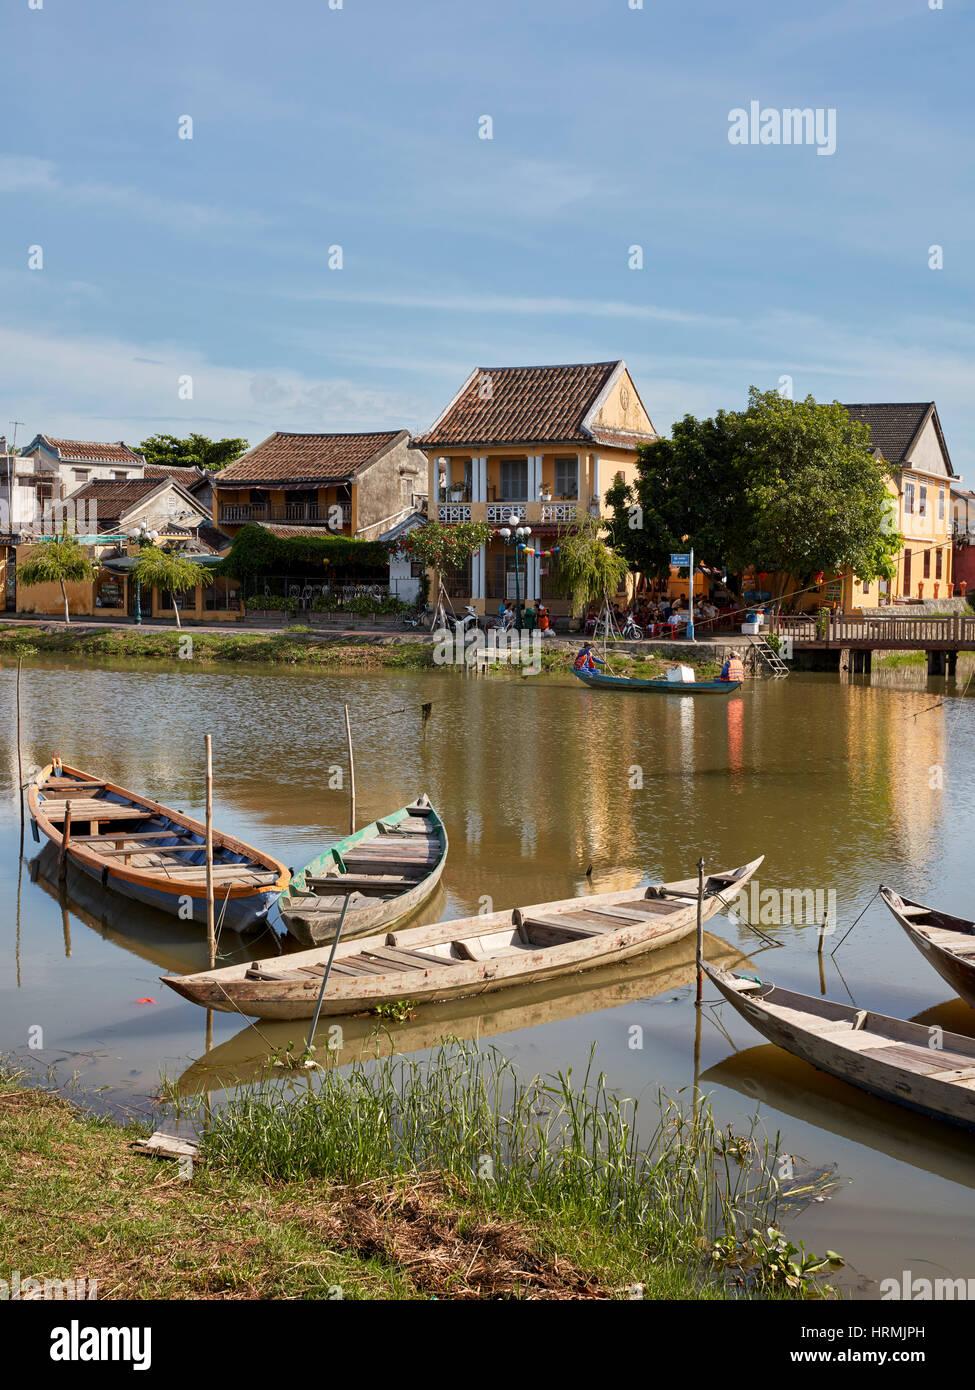 Vue sur la rivière Thu Bon. Hoi An, Quang Nam Province, Vietnam. Photo Stock